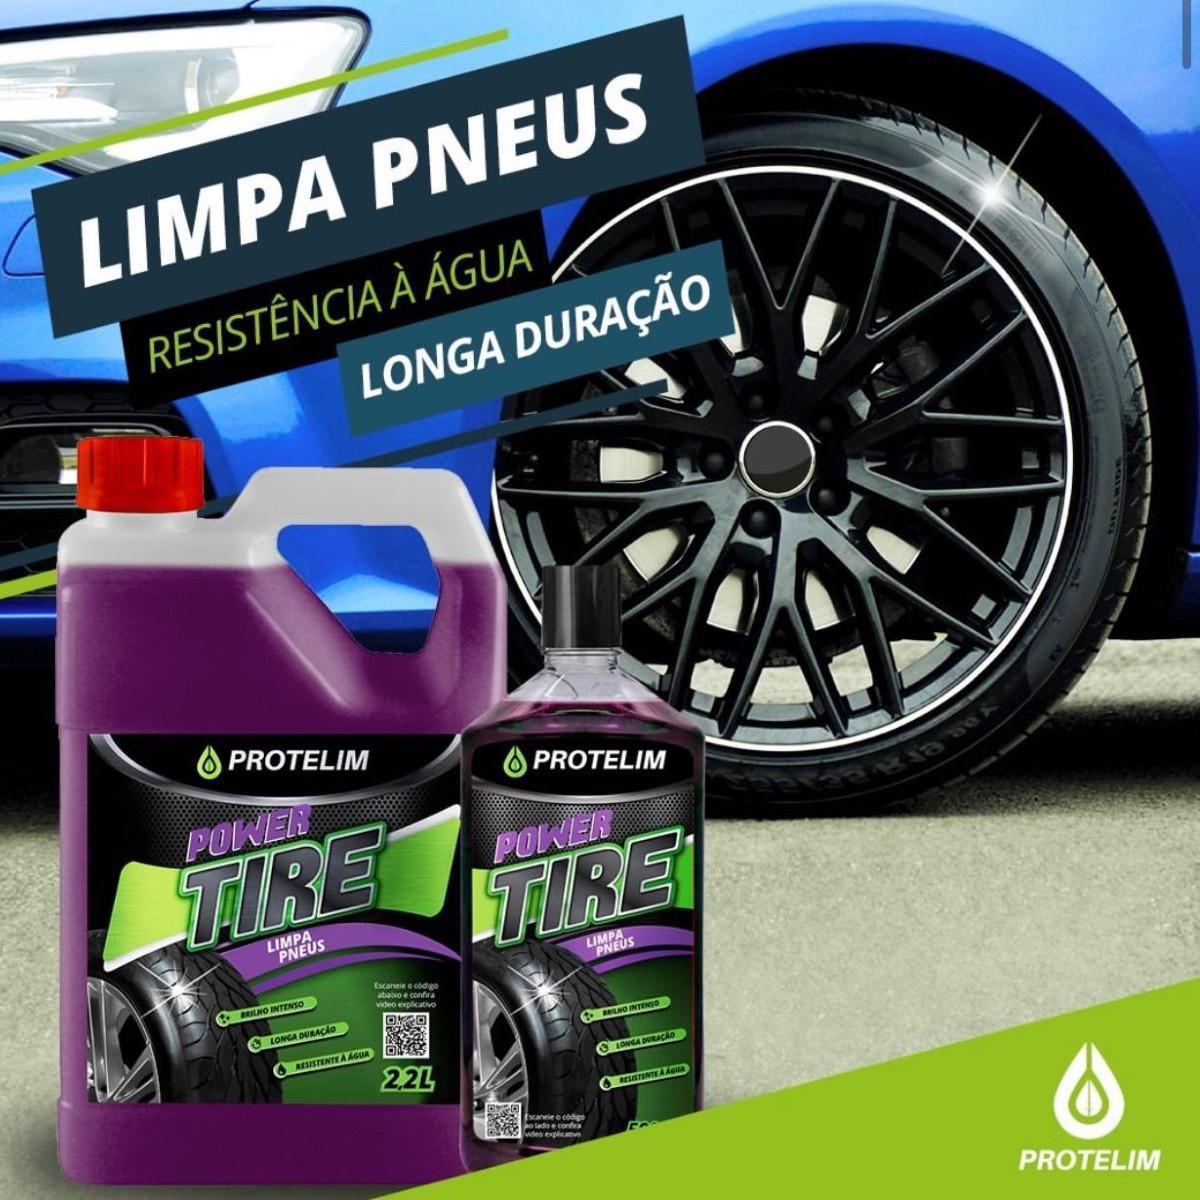 Pretinho Power Tire 500ml + 4 Escovas Pneu BRINDE Aplicador